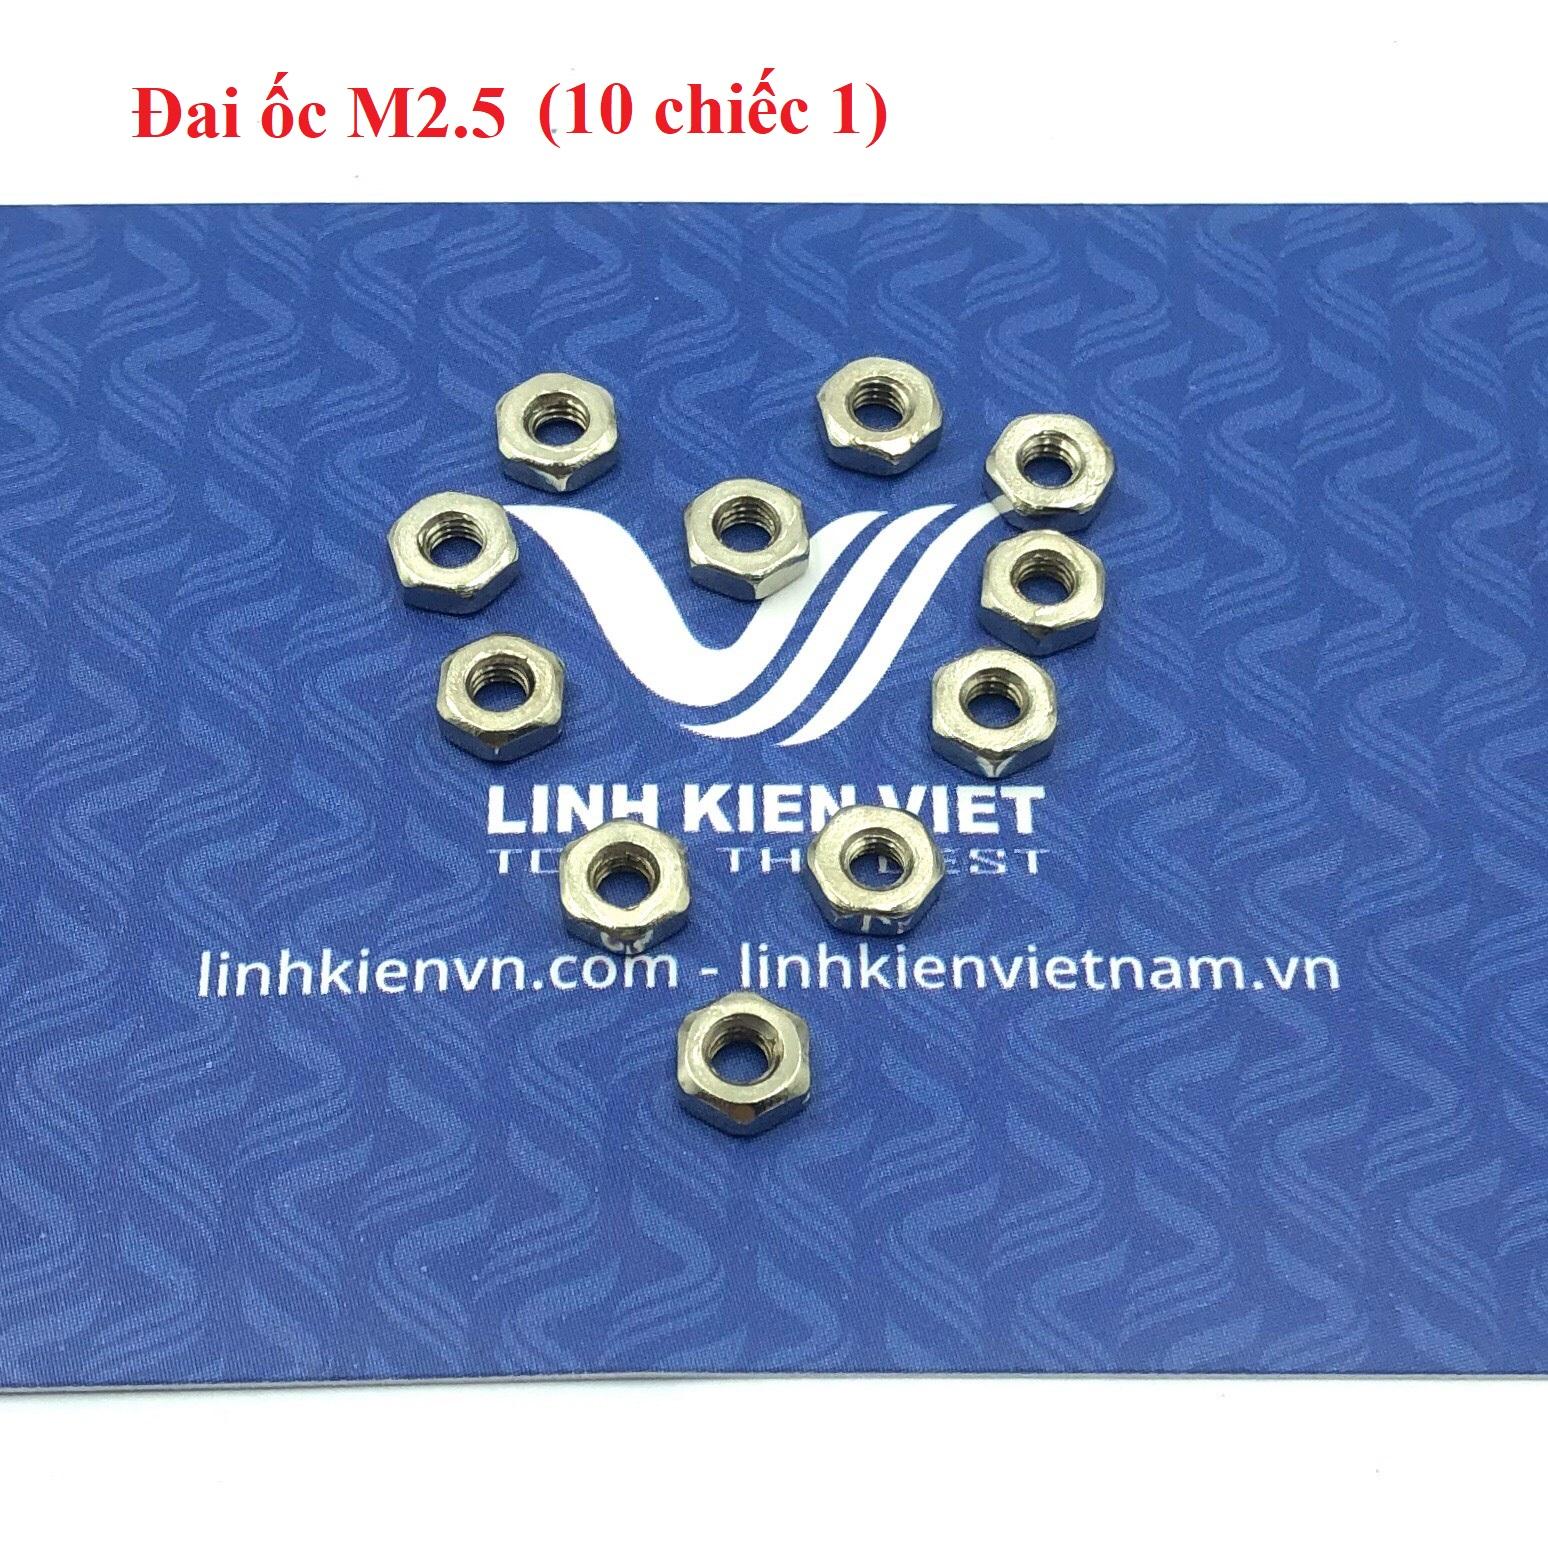 Đai ốc M2.5 (10 chiếc) - F9H11